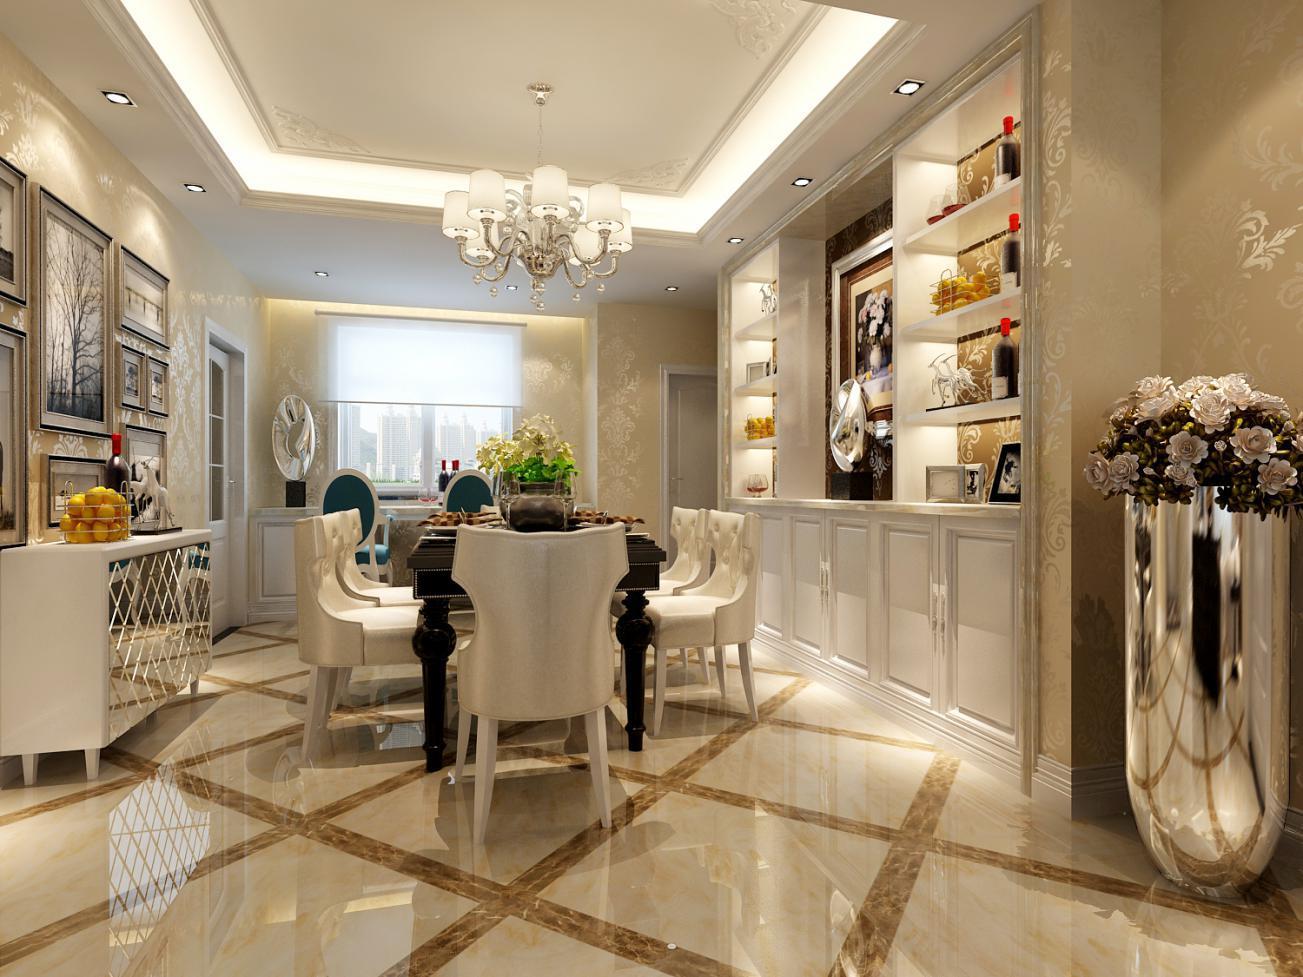 顶面造型的设计和体面的拼花瓷砖适当的体现出了欧式造型特点.图片